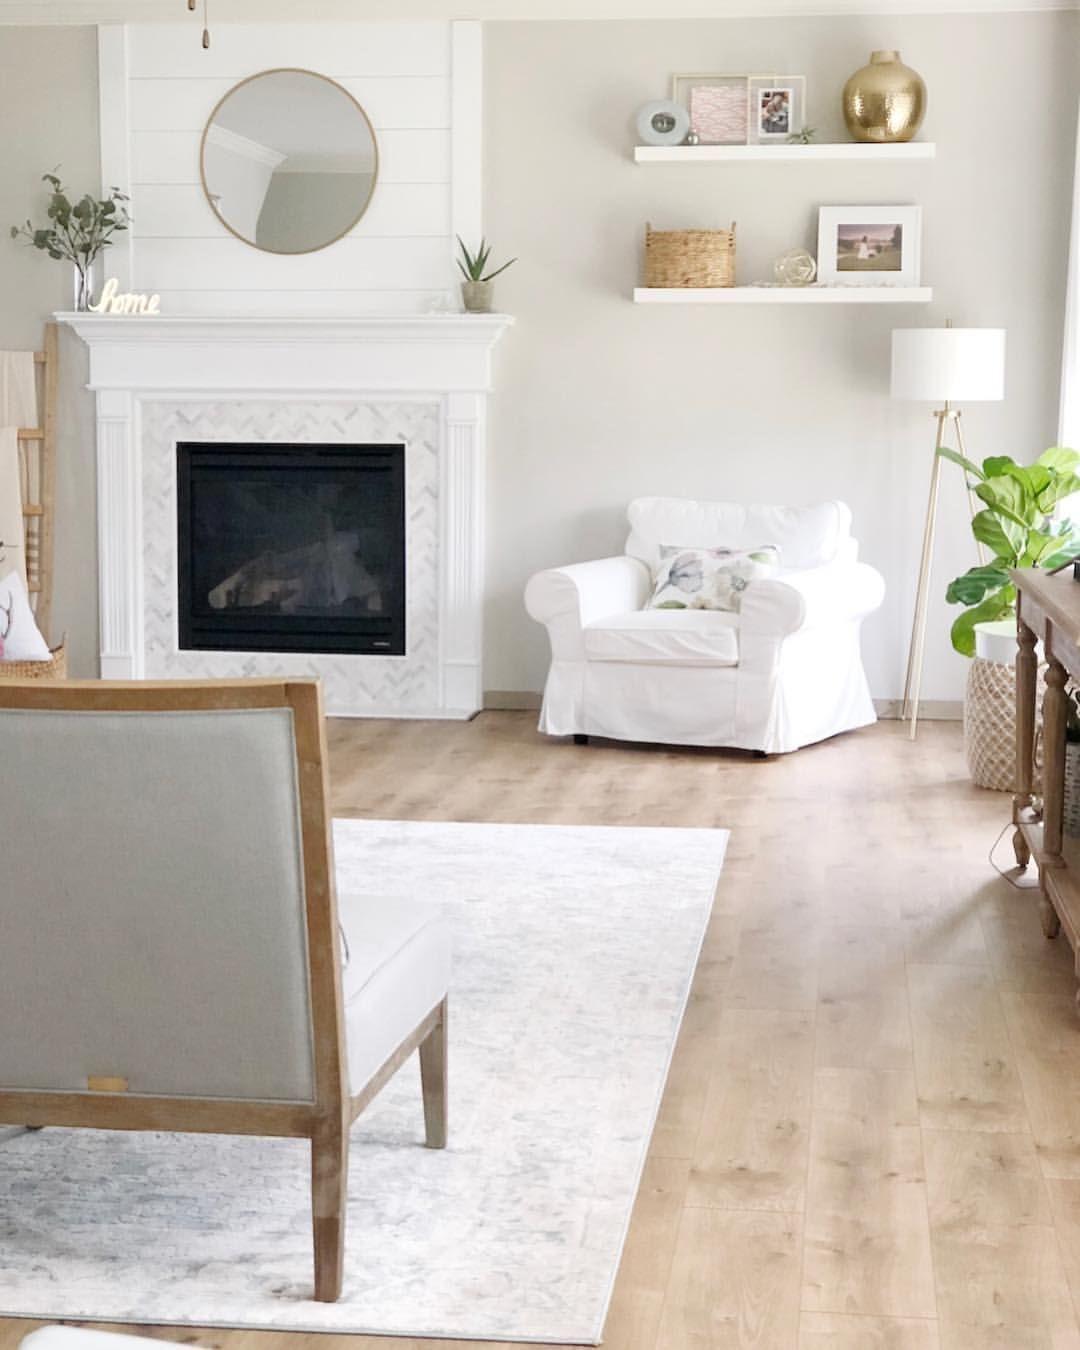 7 Wonderful Best Floating Shelves For Living Room Ideas In 2020